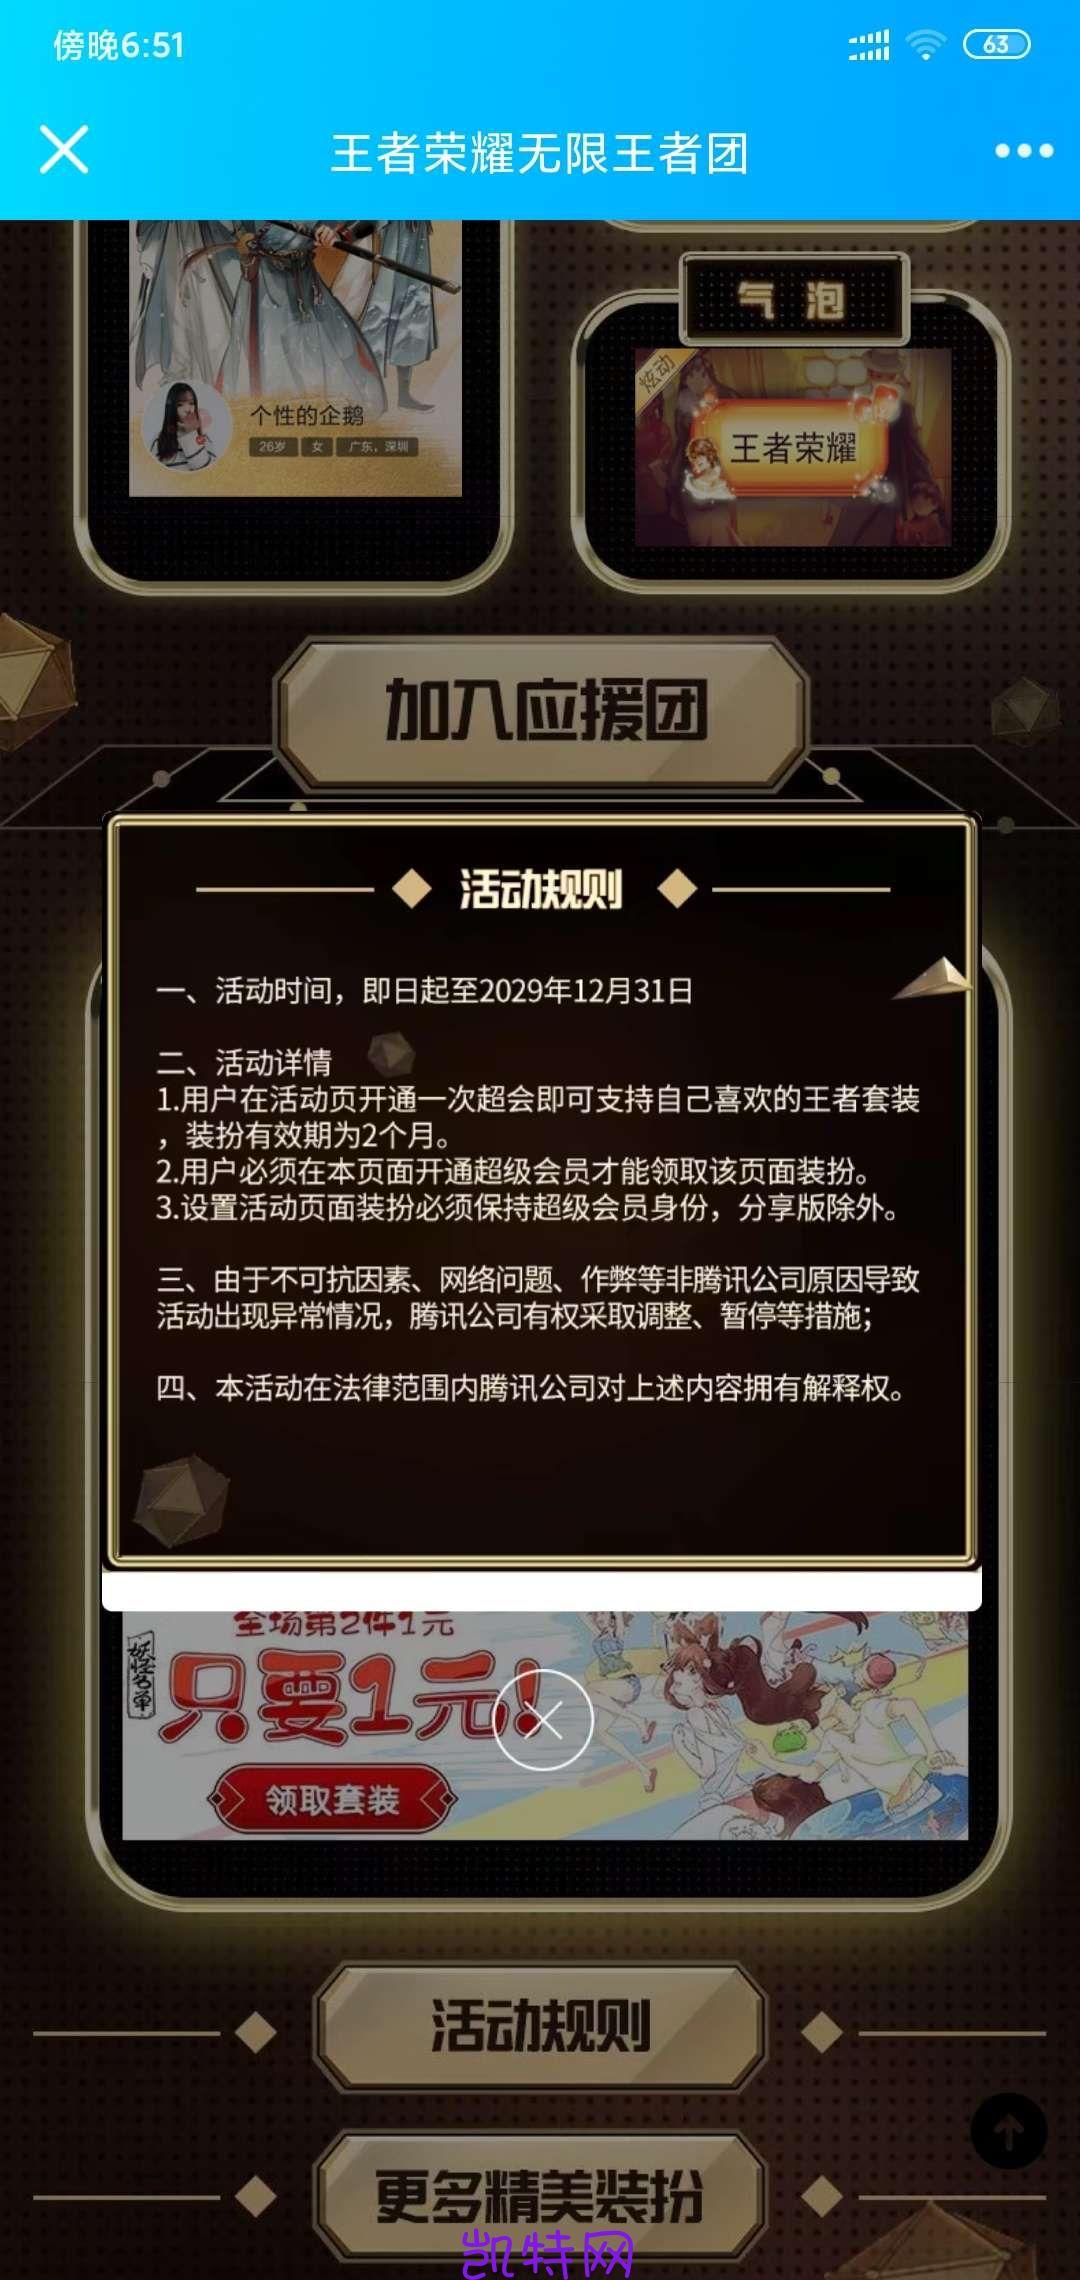 【虚拟物品】QQ领取王者炫动气泡